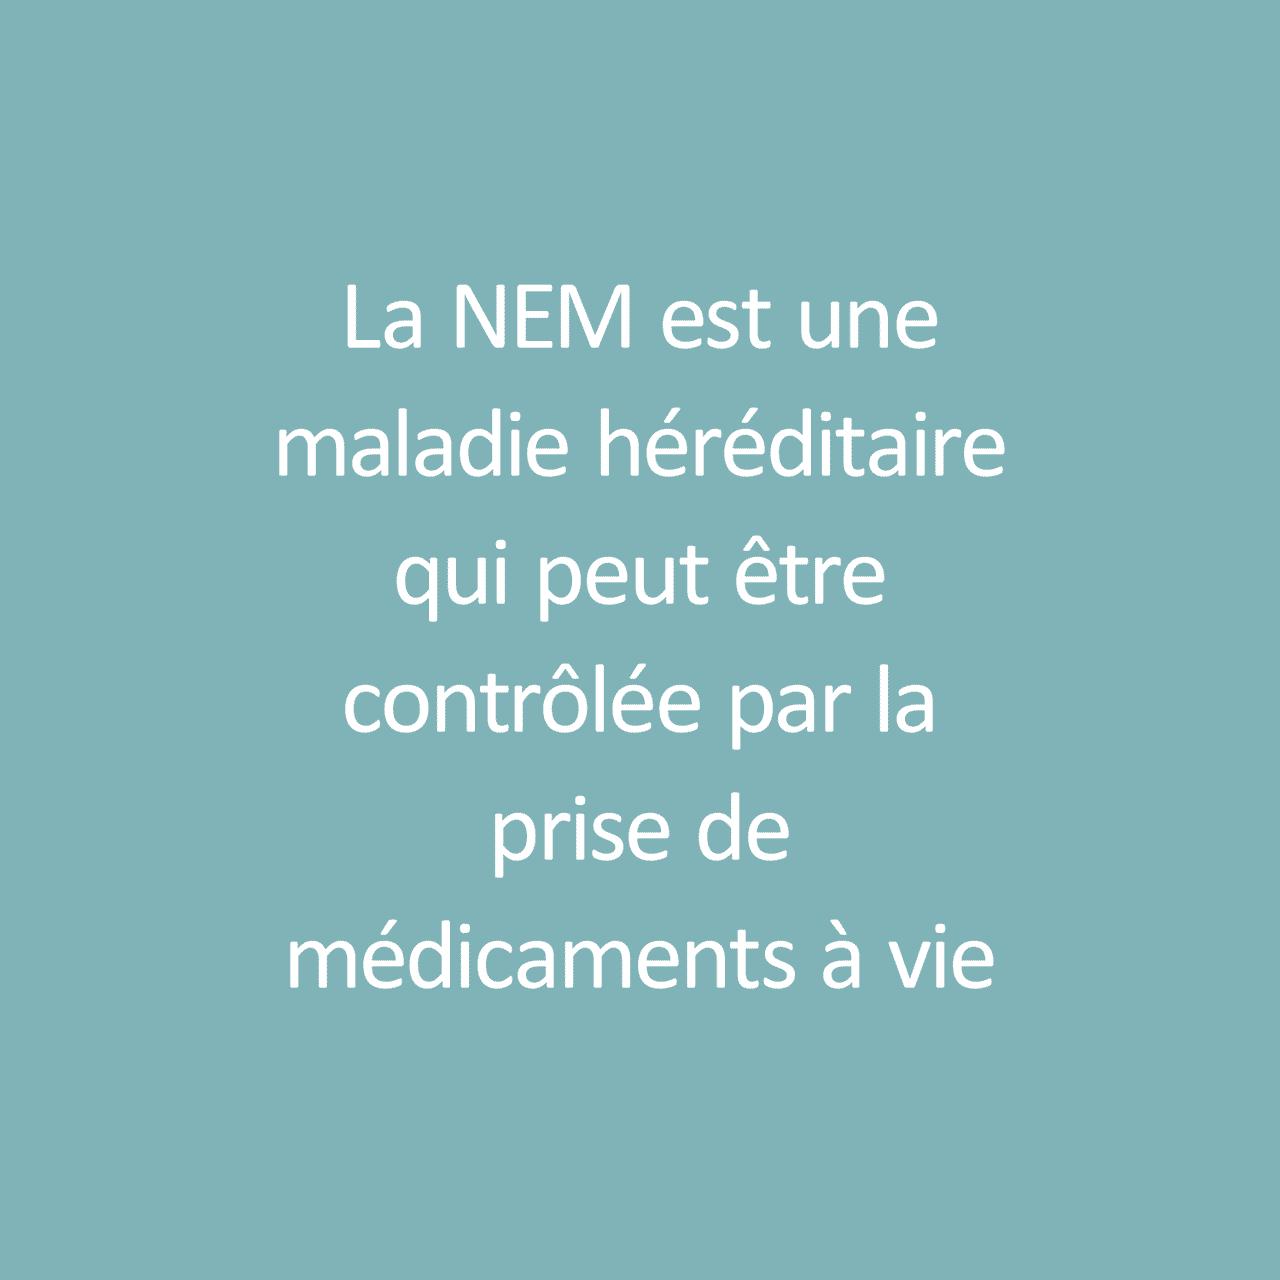 """Fact about Multiple Endocrine Neoplasm / Fait sur Néoplasies Endocrines Multiples: """"La NEM est une maladie héréditaire qui peut être contrôlée par la prise de médicaments à vie."""""""